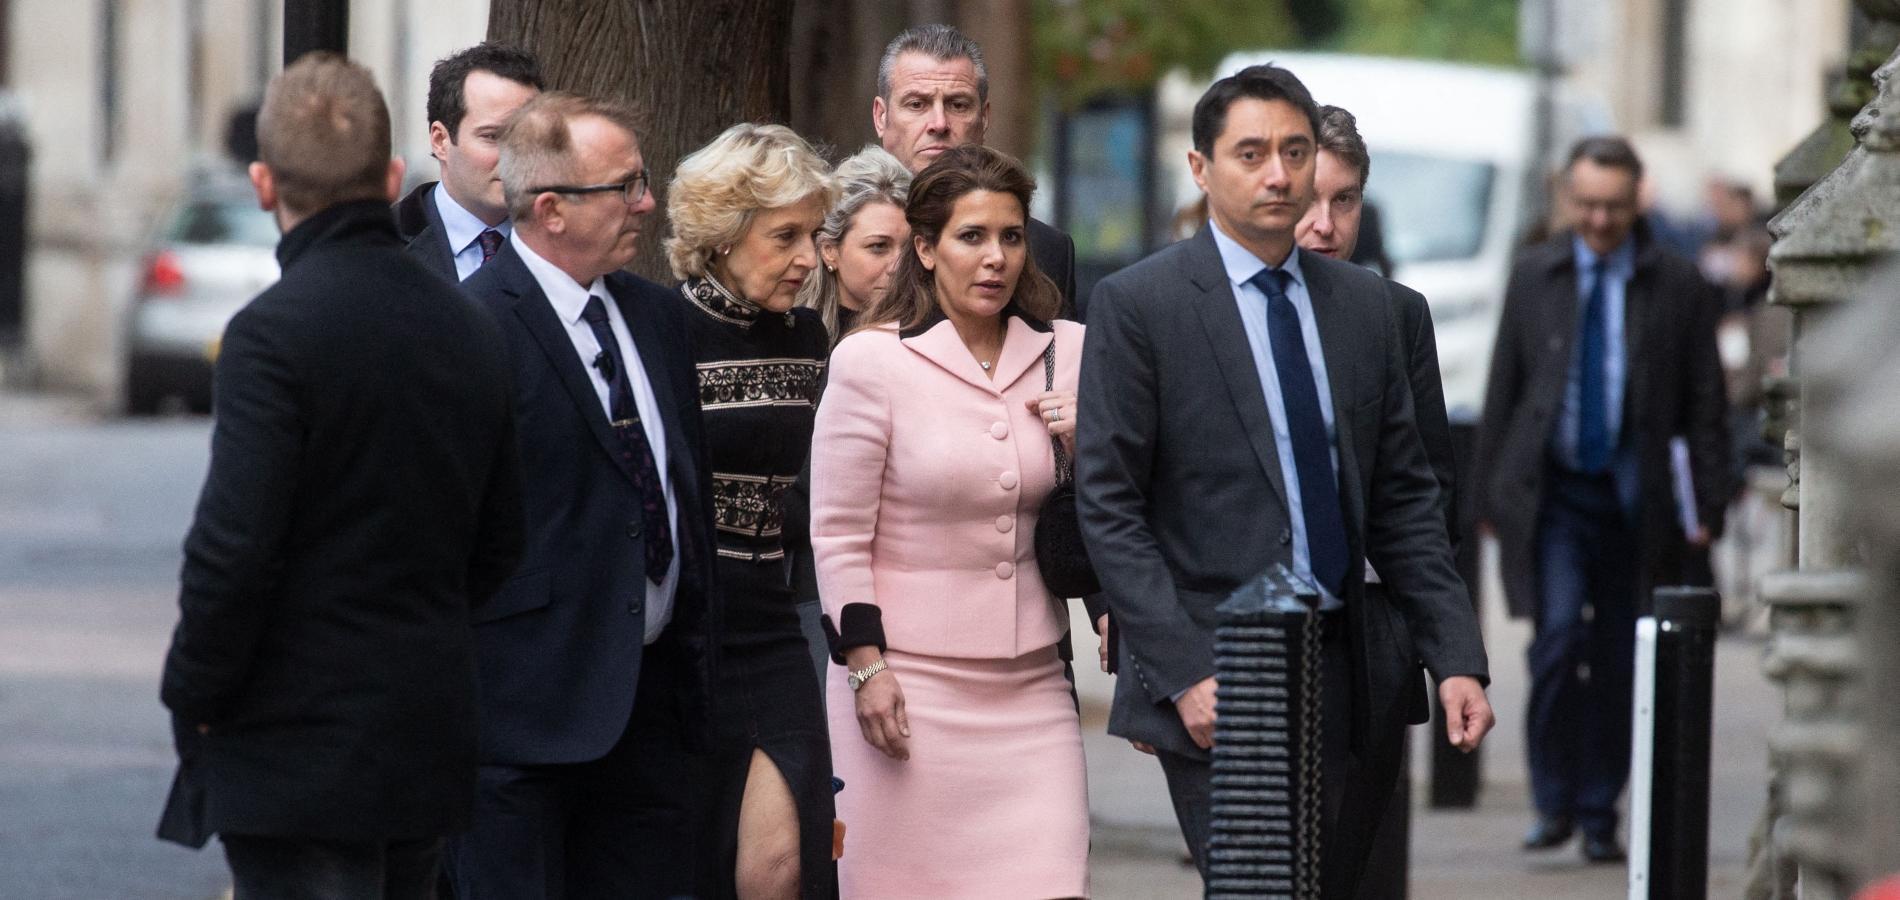 Athlète, mondaine et fortunée: qui est la princesse de Dubaï réfugiée à Londres?